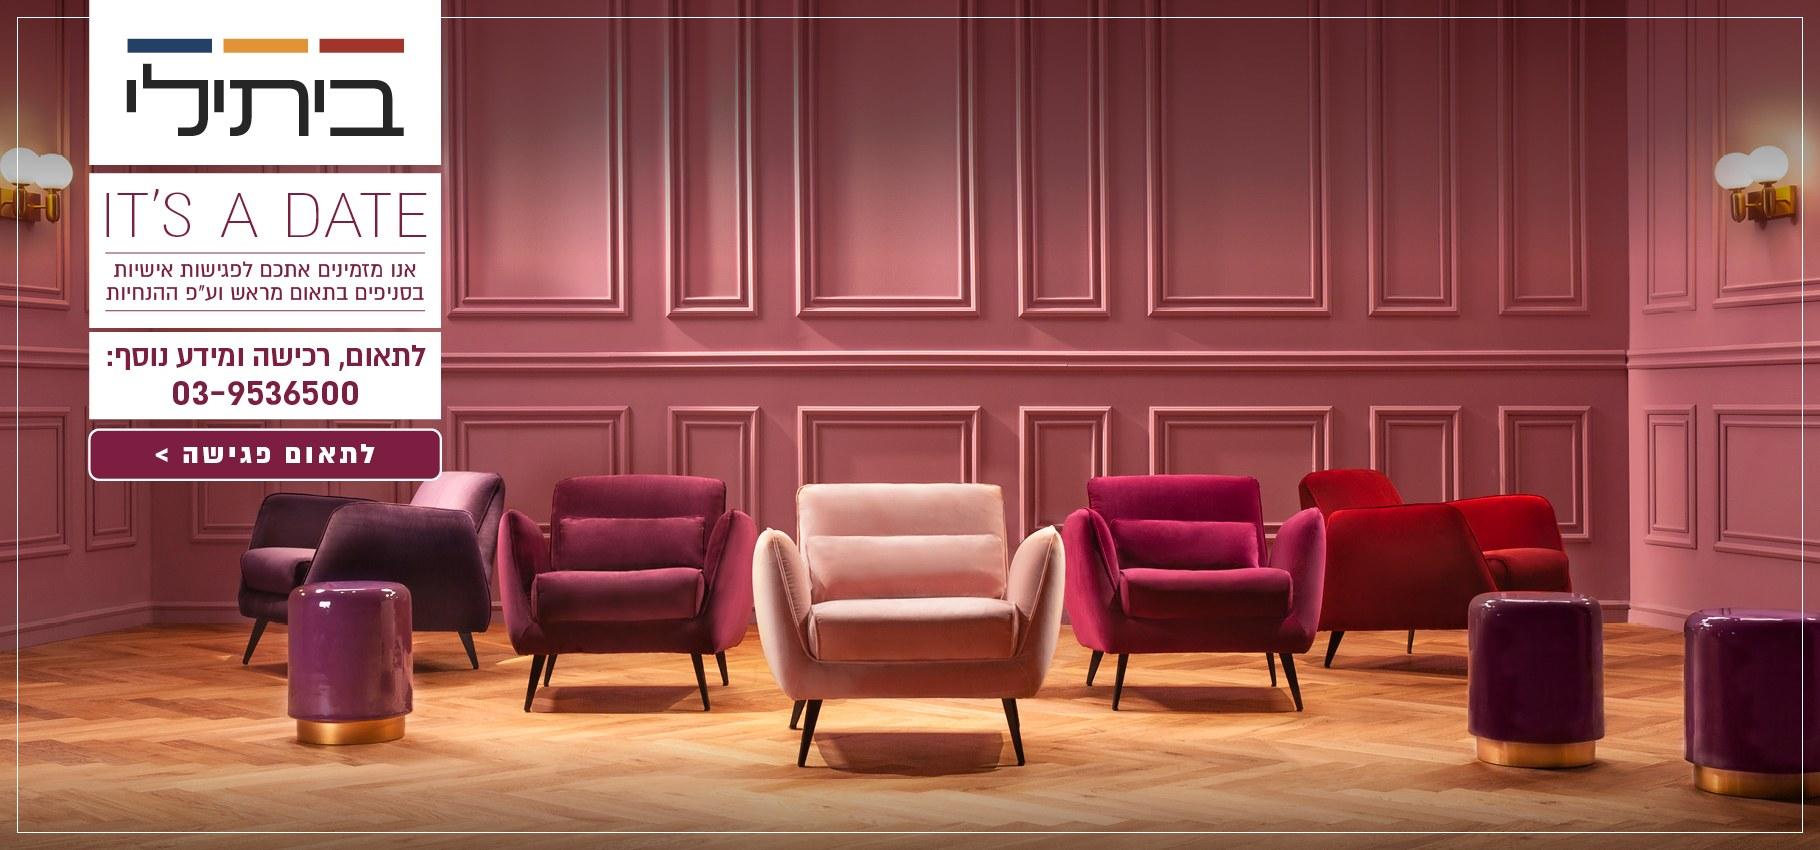 ביתילי  יושבים בבית? זה בדיוק הזמן להזמין כורסא חדשה!  נכנסים לאתר, מקליקים והרהיטים בדרך אליכם!